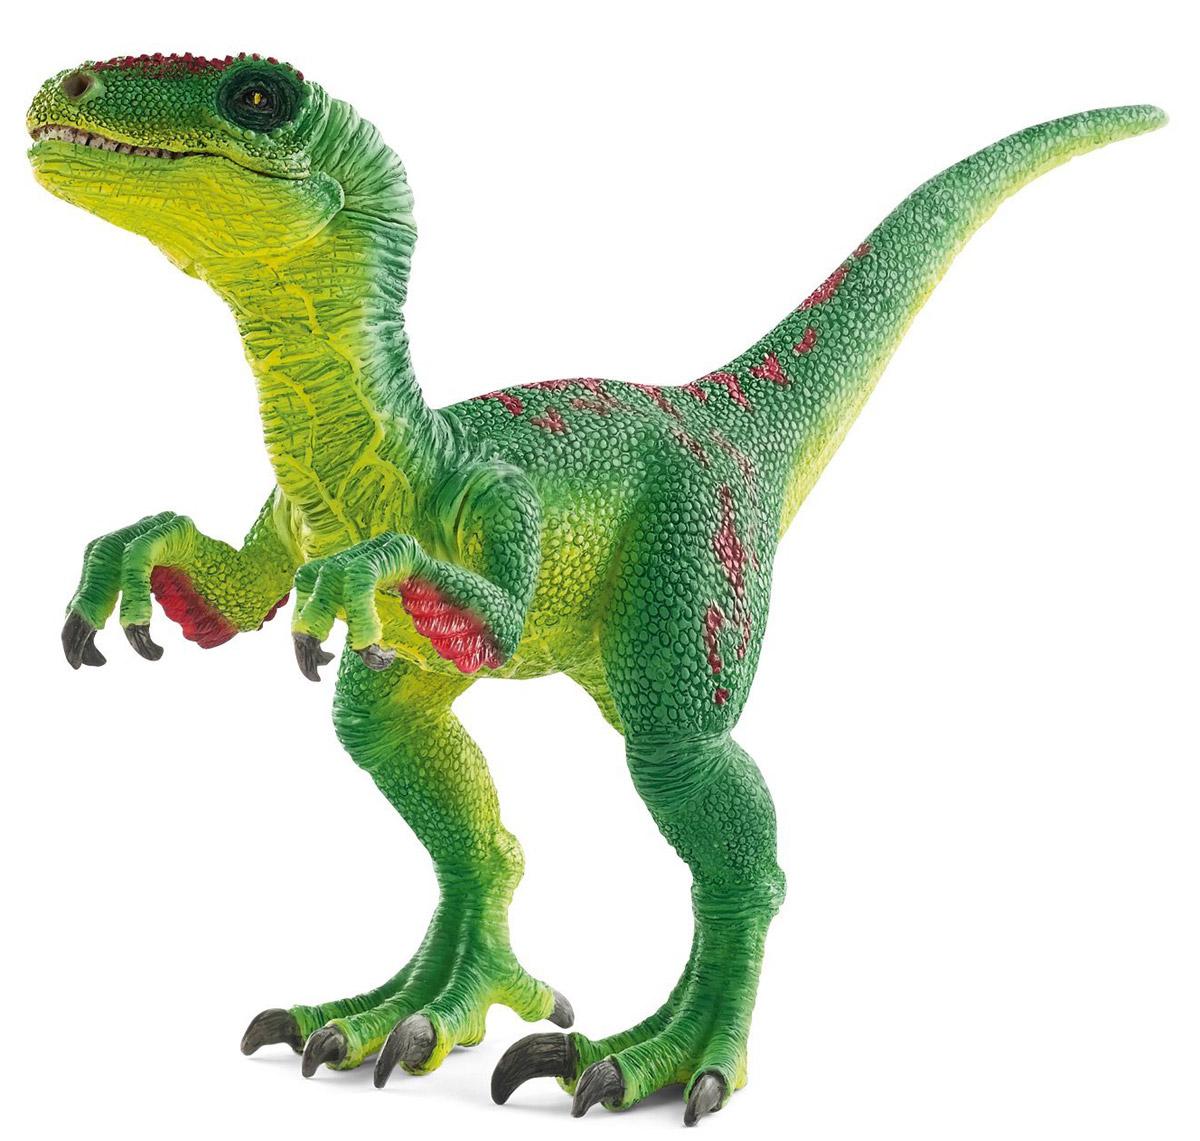 Schleich Фигурка Велоцираптор 1453014530Велоцираптор - древнее животное, проживавшее на земле в доисторический период. Быстрый и ловкий динозавр не отличался внушительными размерами, но у него были мощные и довольно острые зубы и когти, которые помогали ему добывать пищу и обороняться. Изящный динозавр зеленого цвета, стоящий на задних лапах, станет достойным пополнением уникальной коллекции фигурок Schleich. У фигурки подвижная нижняя челюсть и передние лапы, что позволяет устраивать увлекательные игры с забавными существами. Фигурка Schleich Велоцираптор приятна на ощупь, выполнена из качественного каучукового пластика.